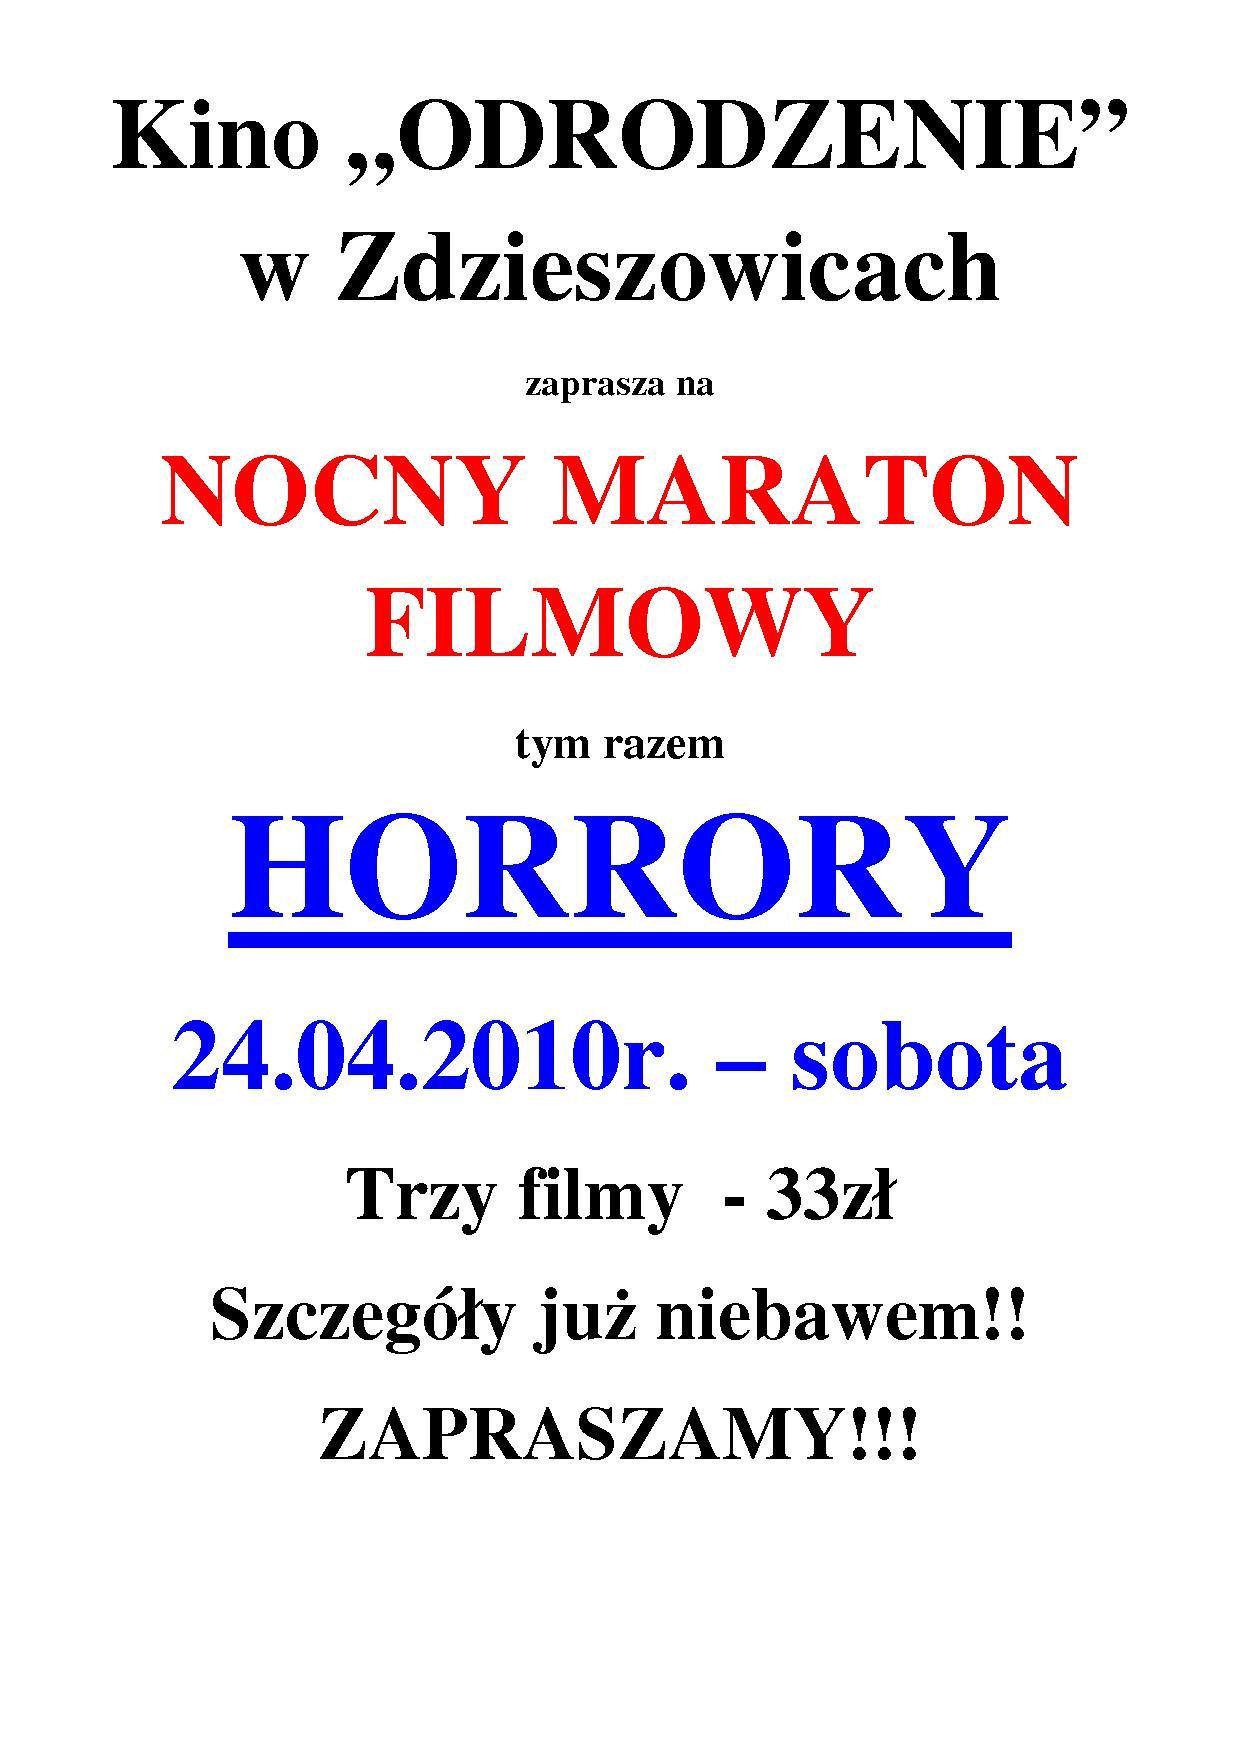 Nocny maraton filmowy-horrory.jpeg